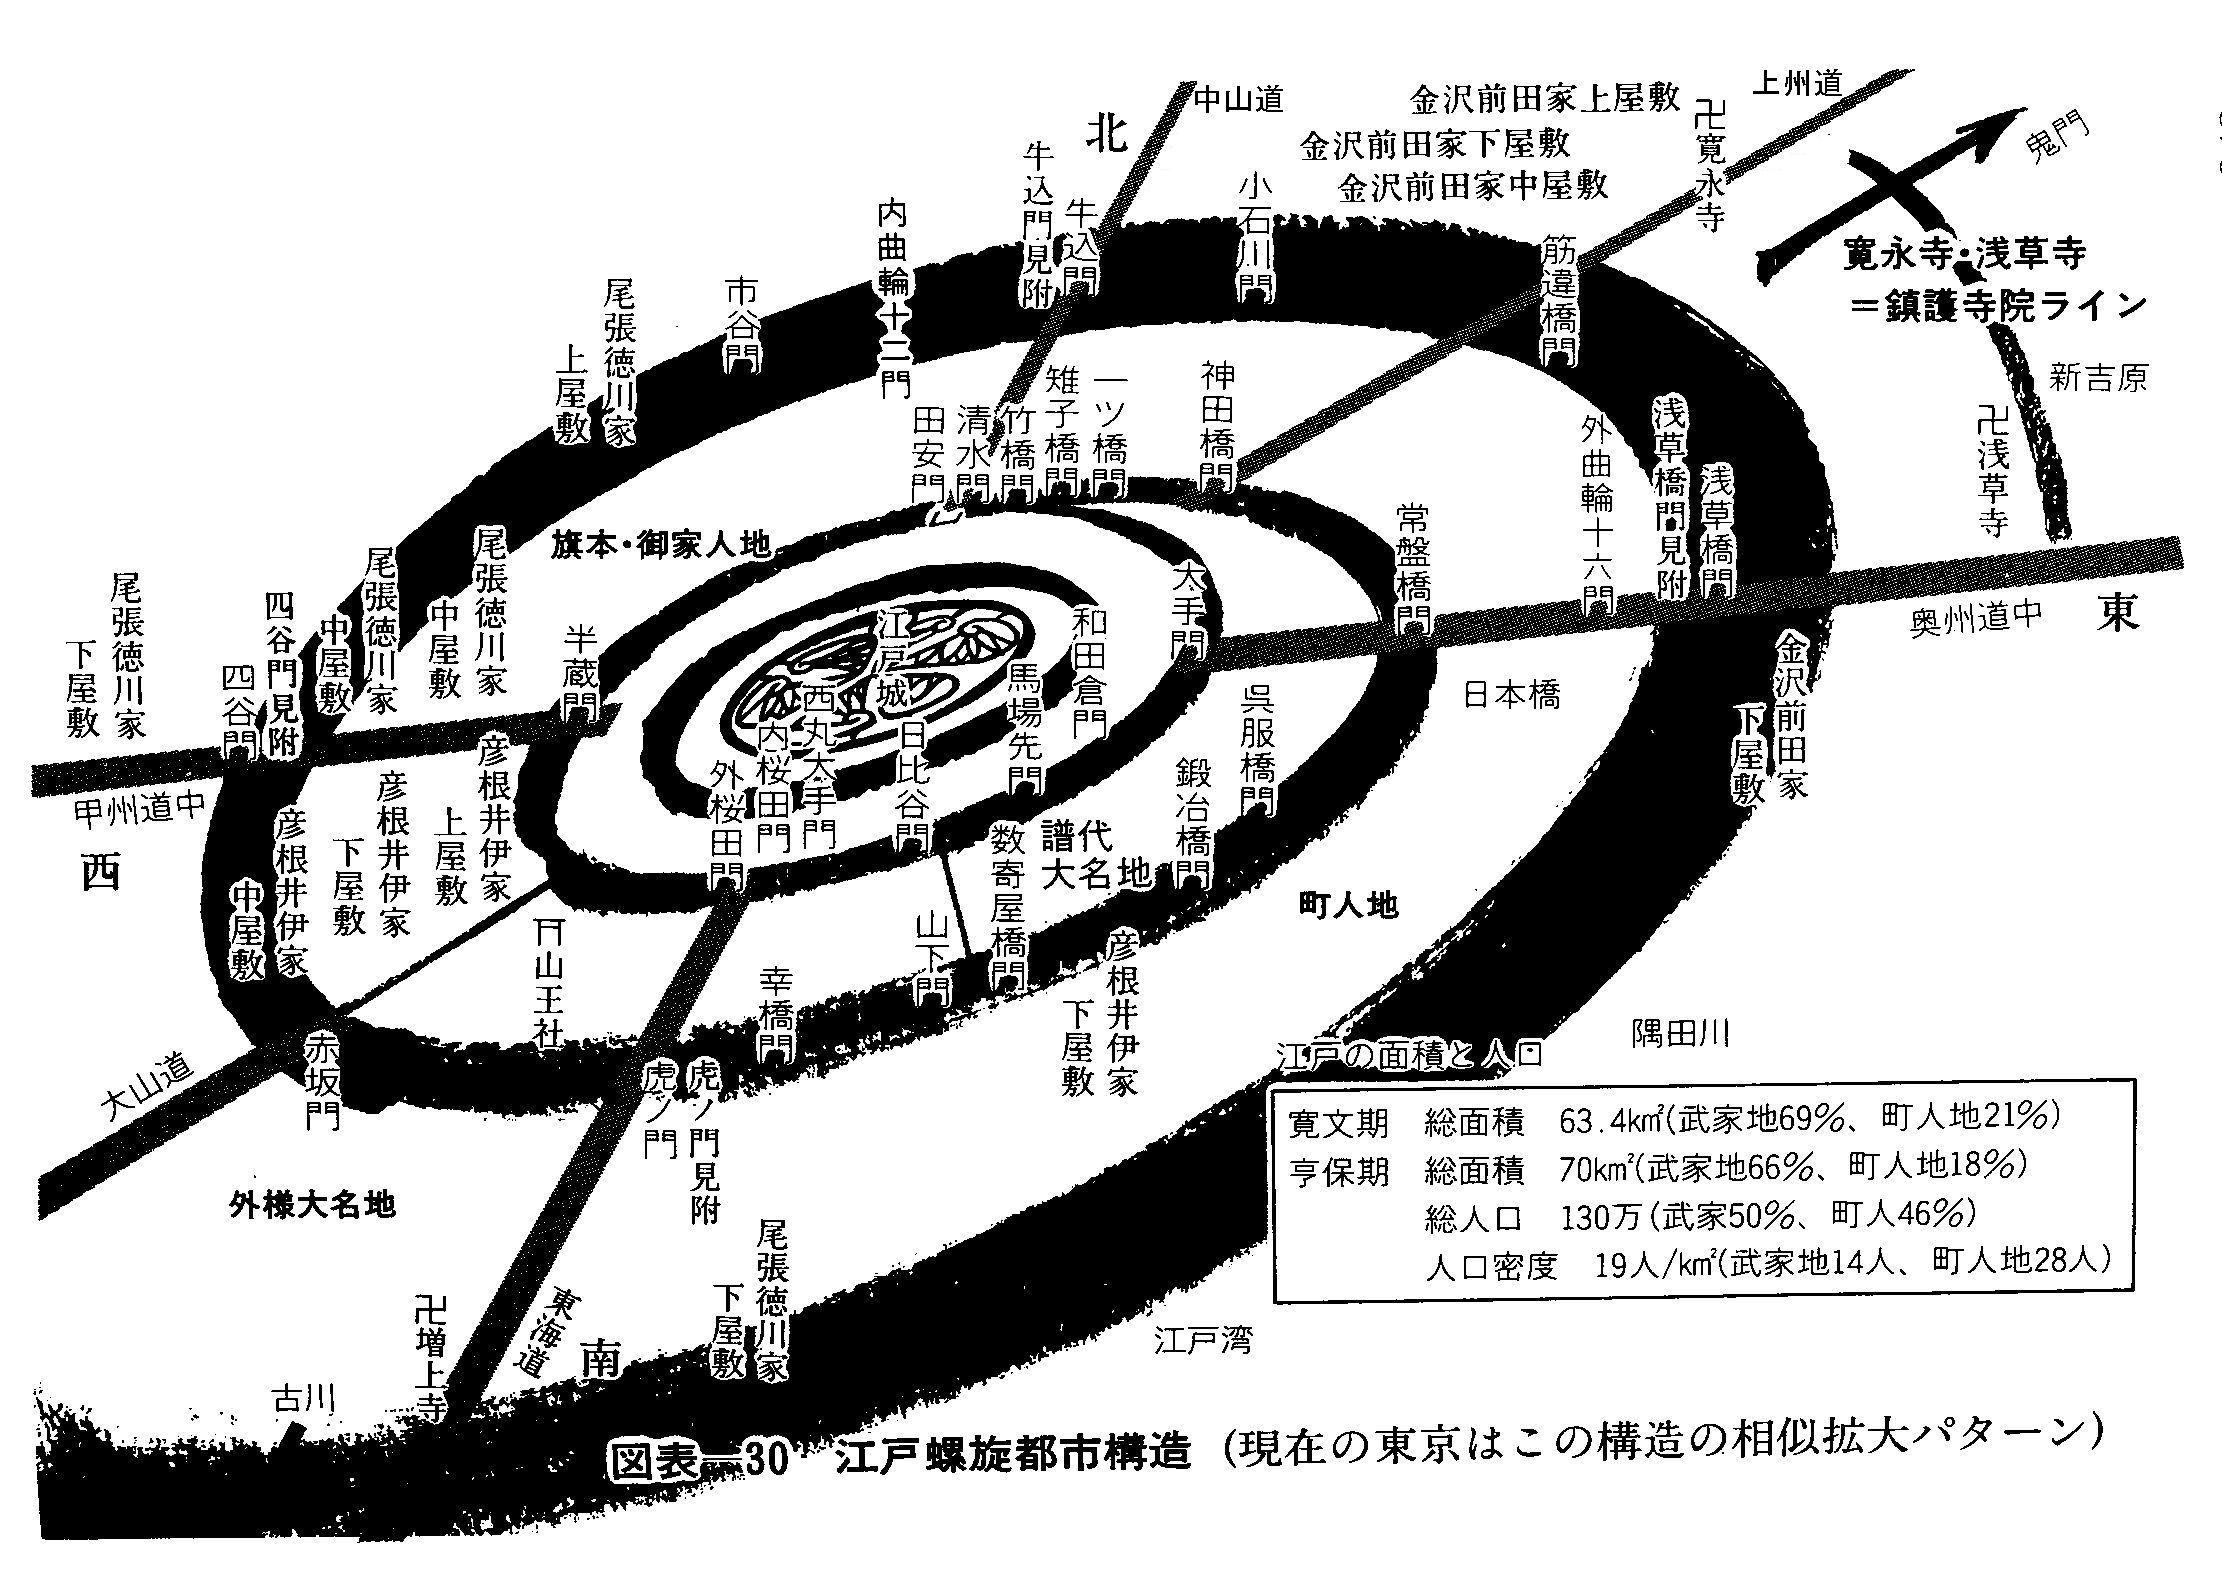 江戸螺旋都市構造